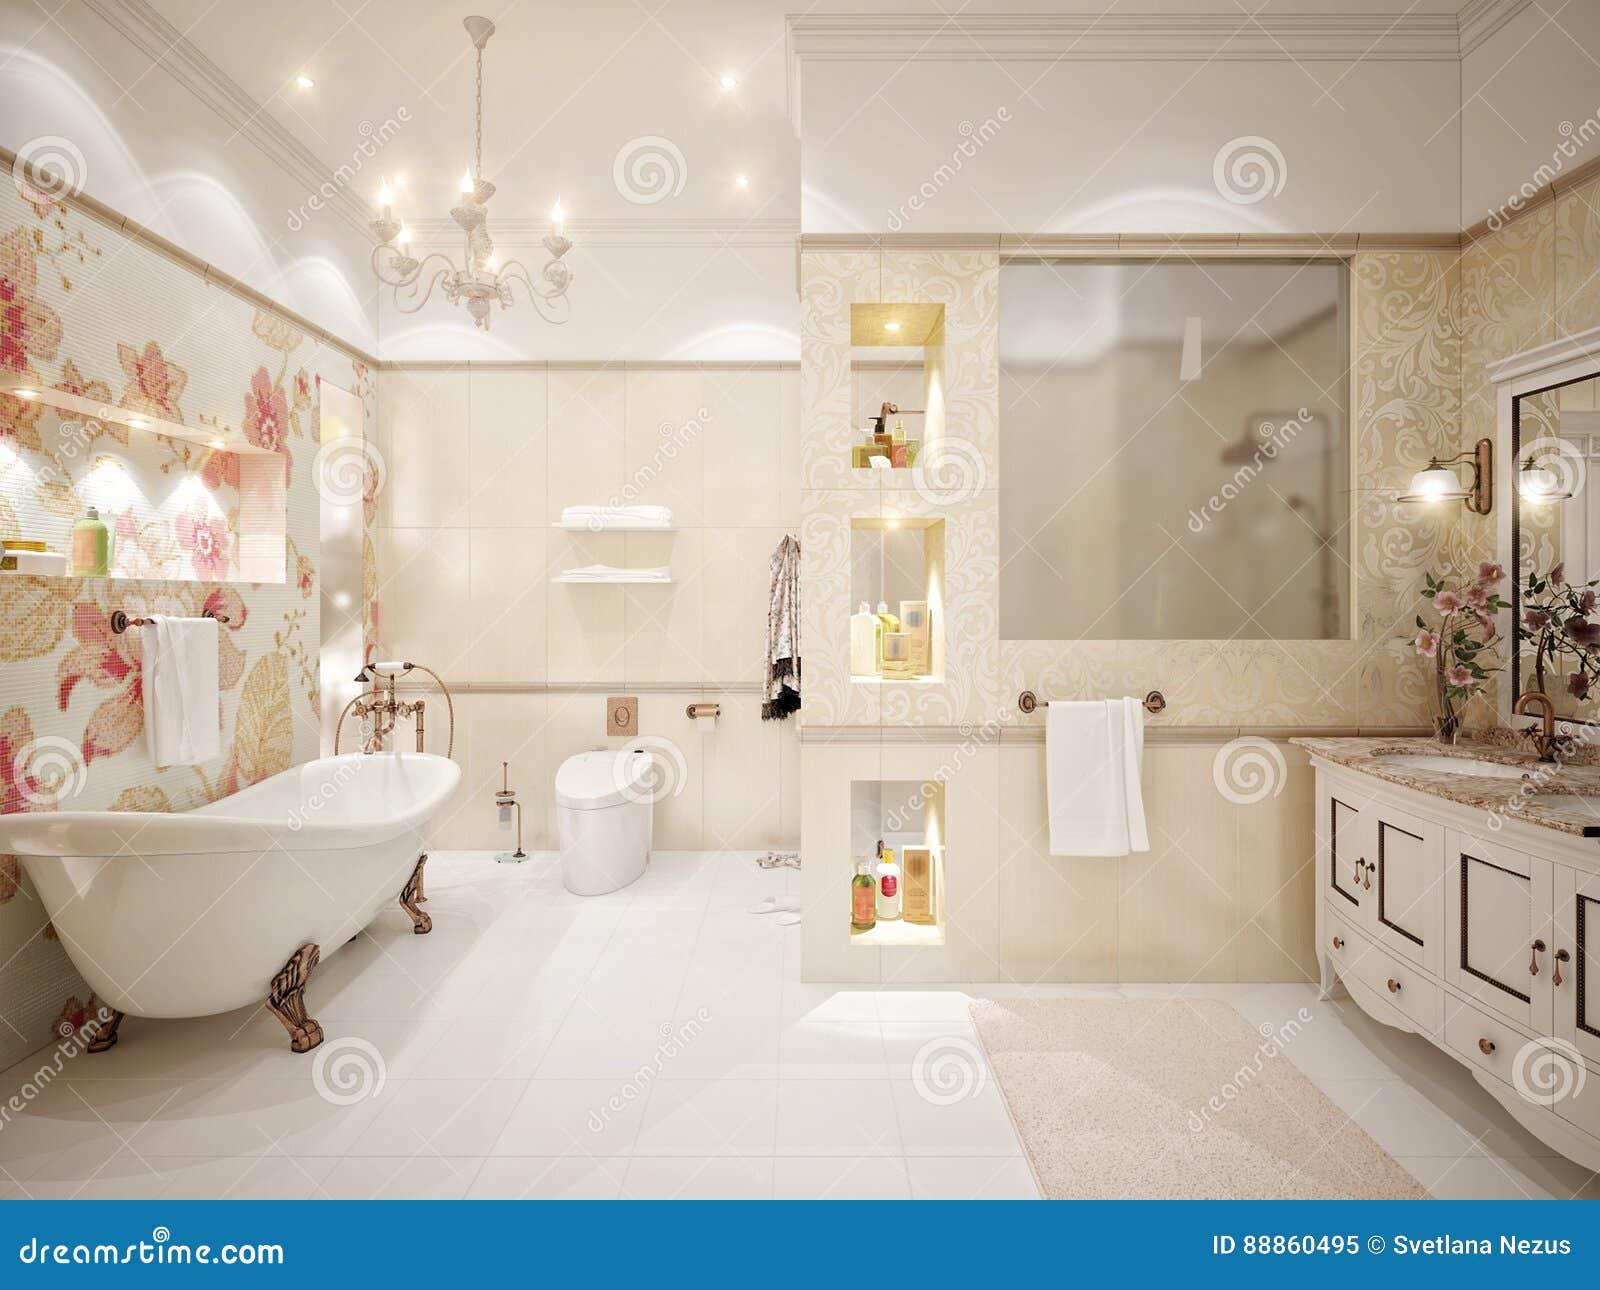 Classic bathroom interior design - Classic Bathroom Interior Design With Gold And Beige Tiles And M Stock Illustration